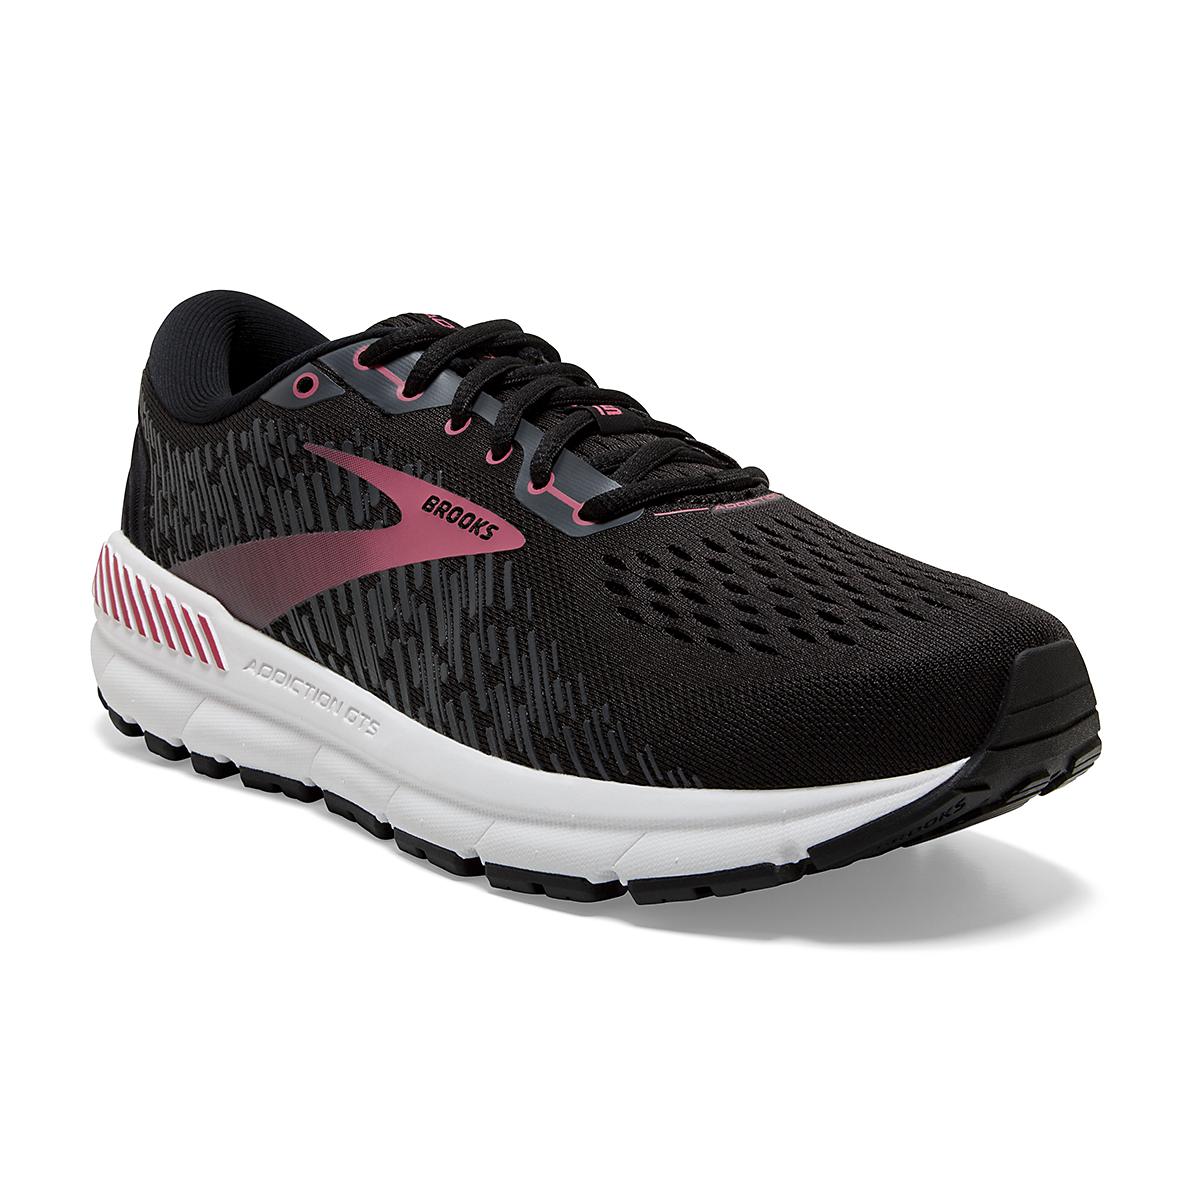 Women's Brooks Addiction GTS 15 Running Shoe - Color: Black/Ebony/Mauvewood - Size: 5 - Width: Regular, Black/Ebony/Mauvewood, large, image 5